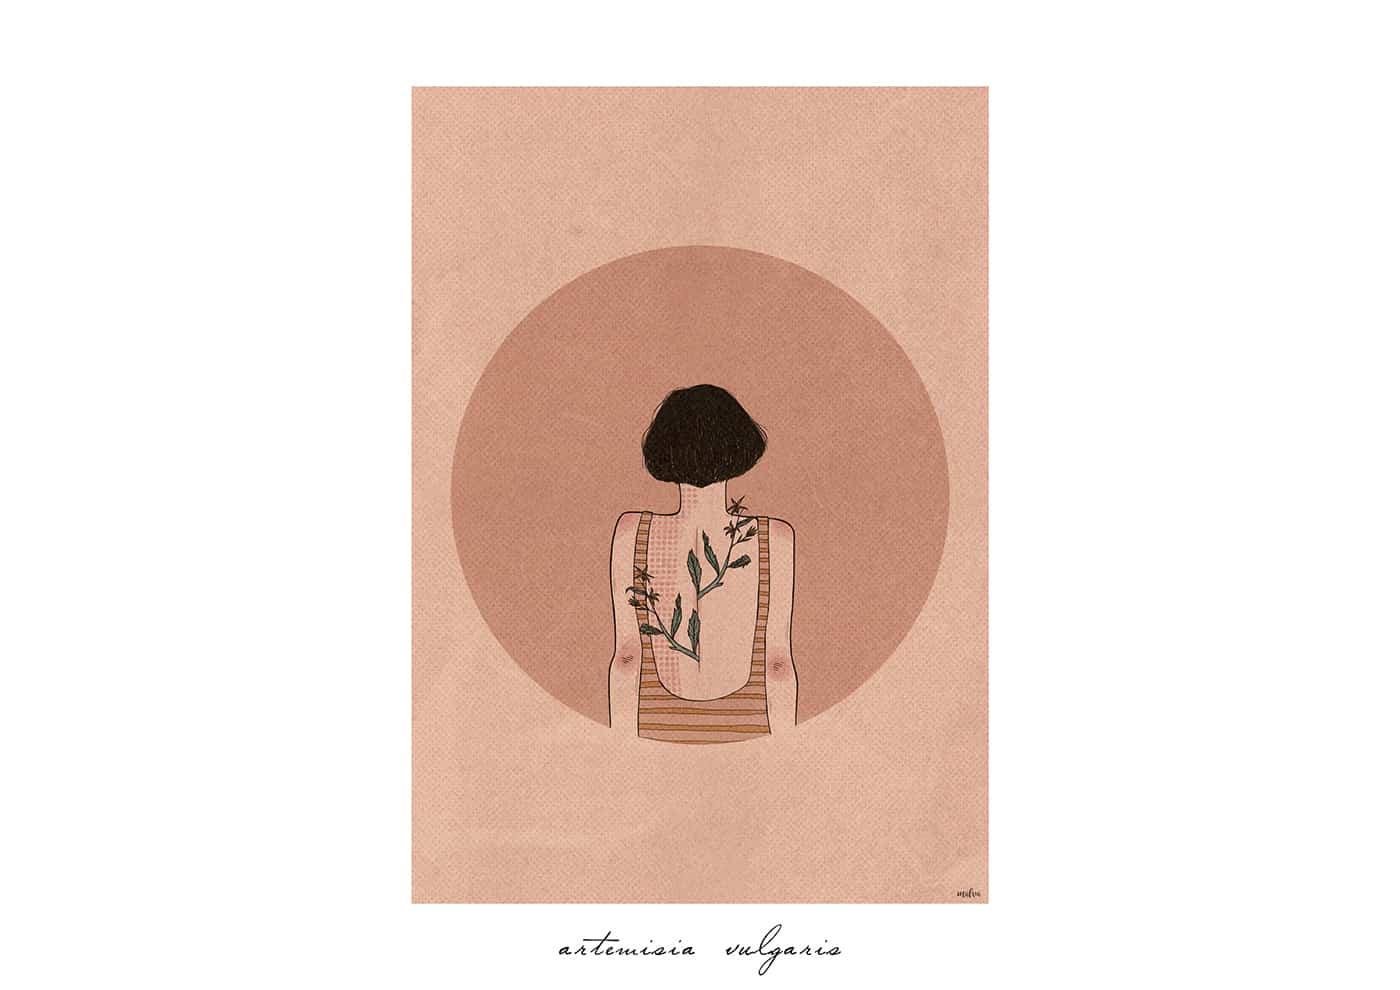 intervista a Malva illustrazioni torino flora